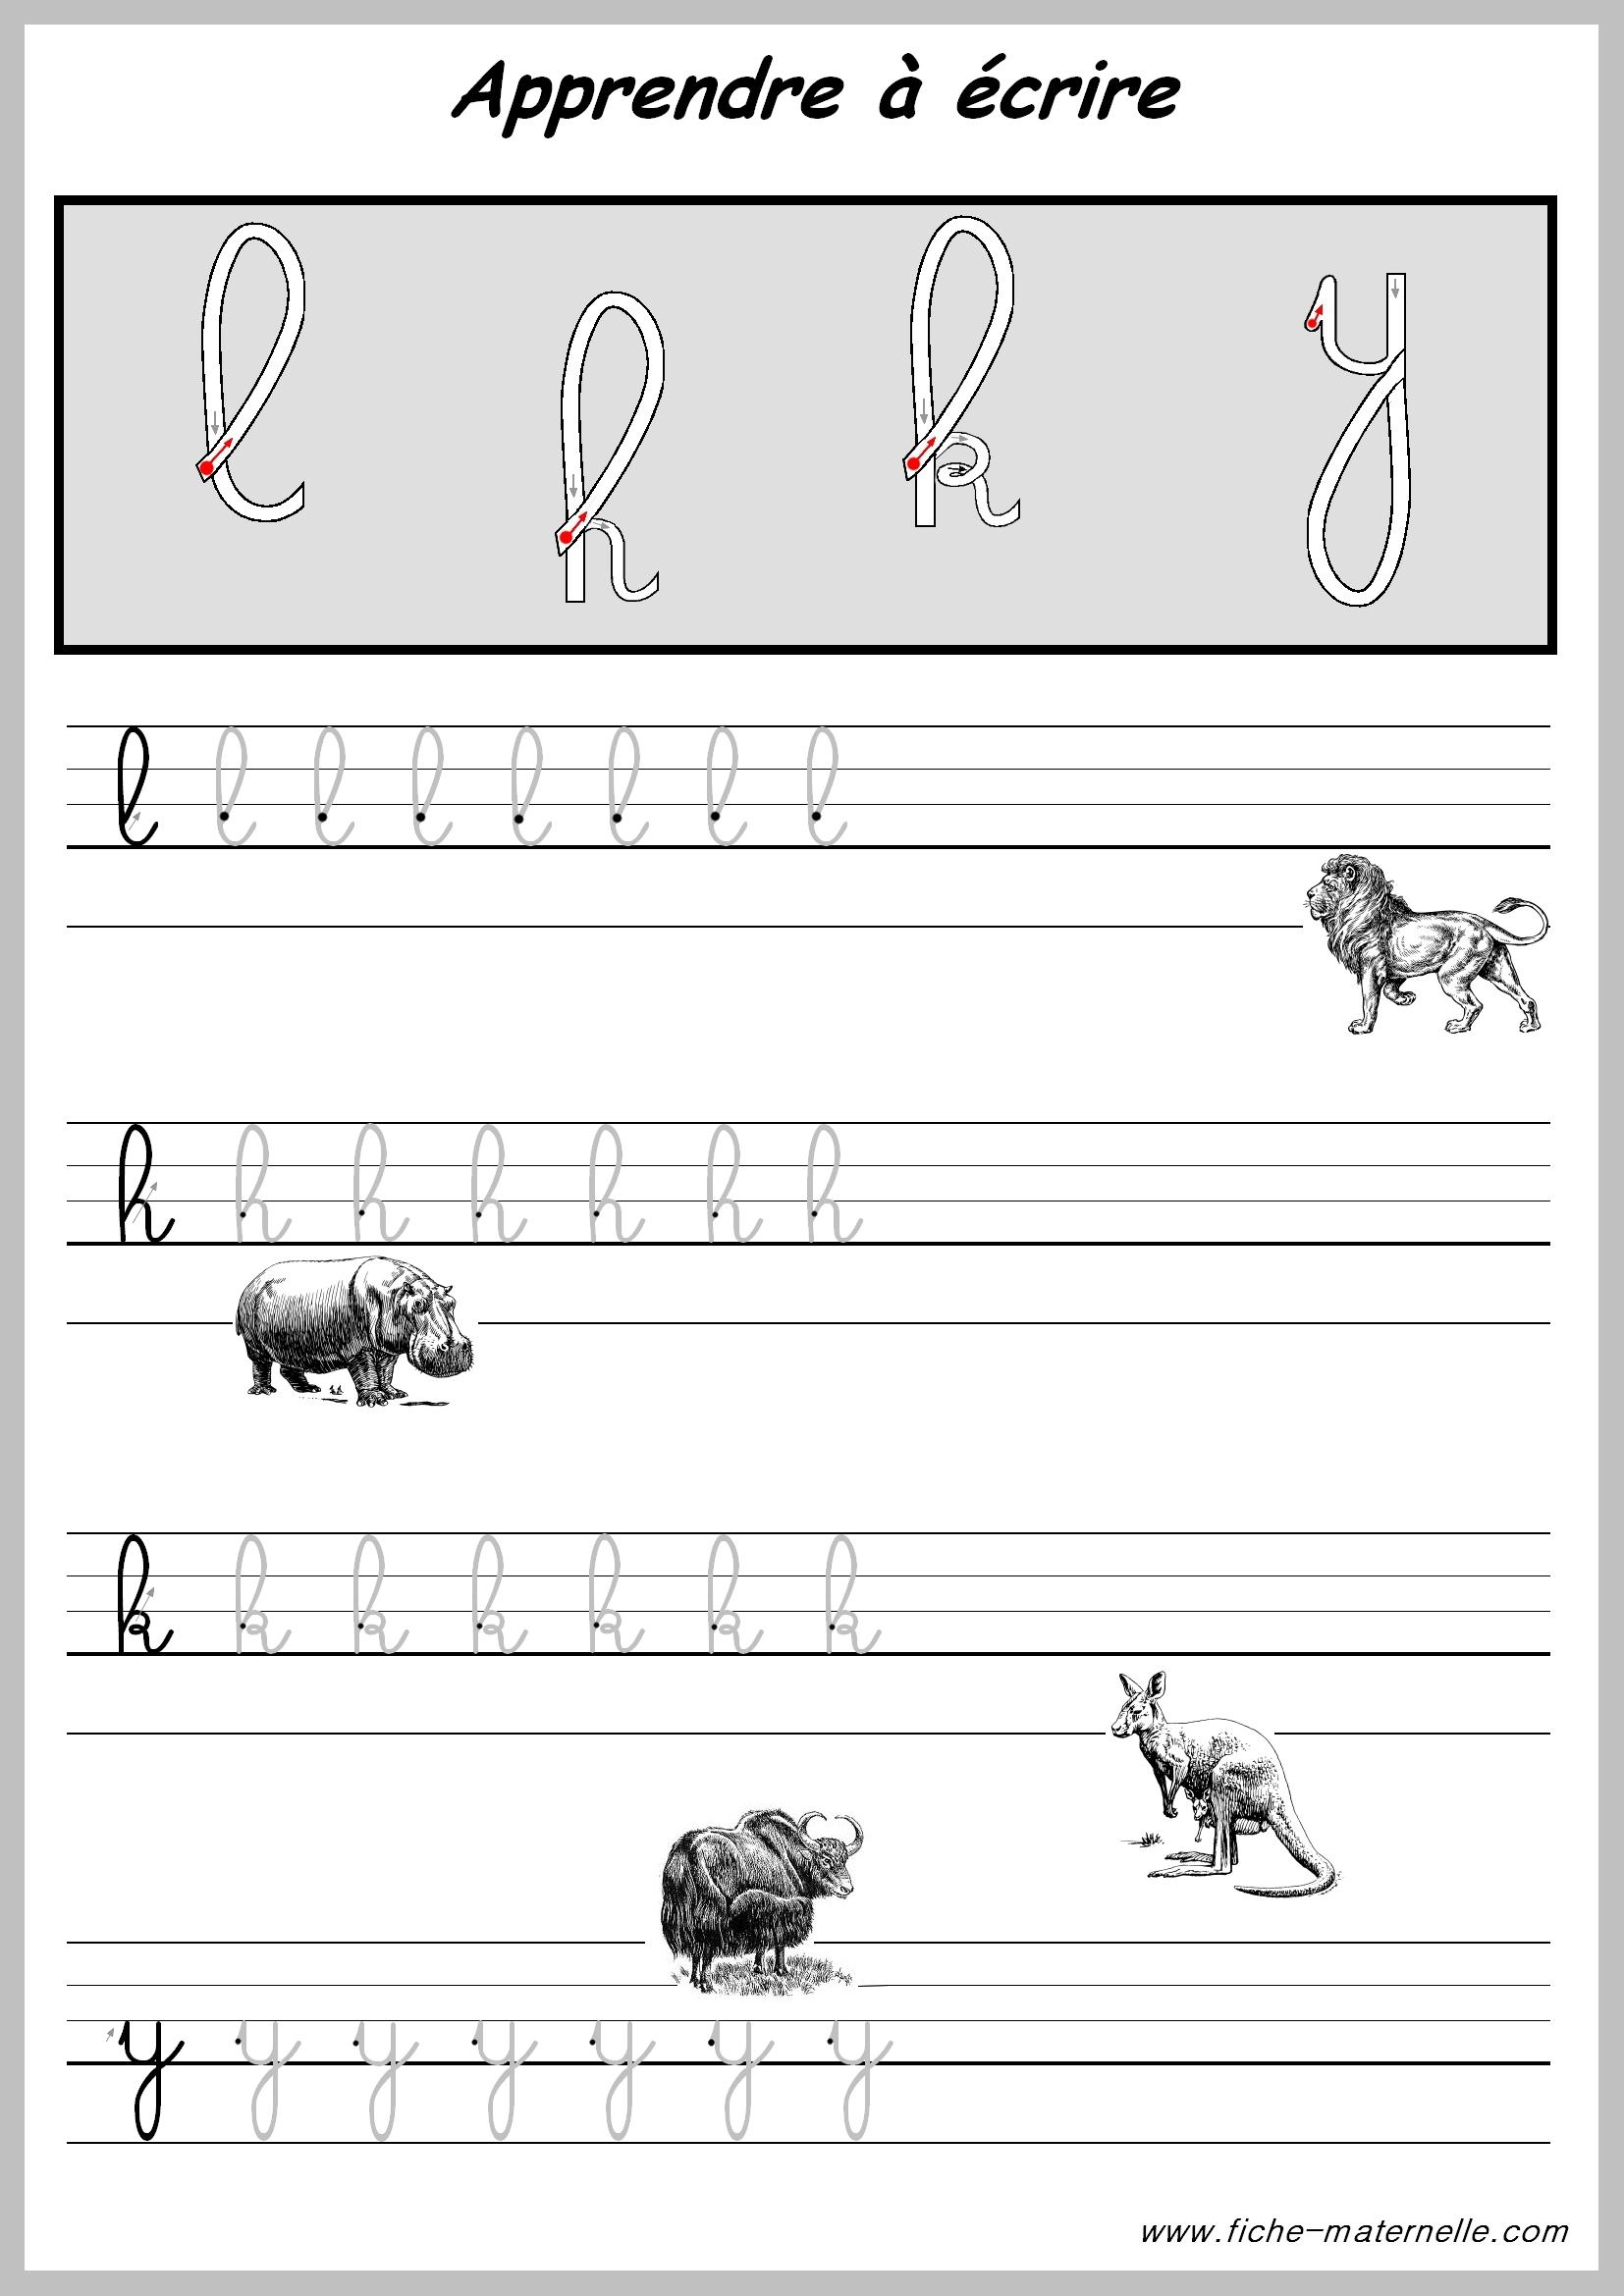 Exercices Pour Apprendre A Ecrire Les Lettres. dedans Apprendre A Écrire Les Lettres